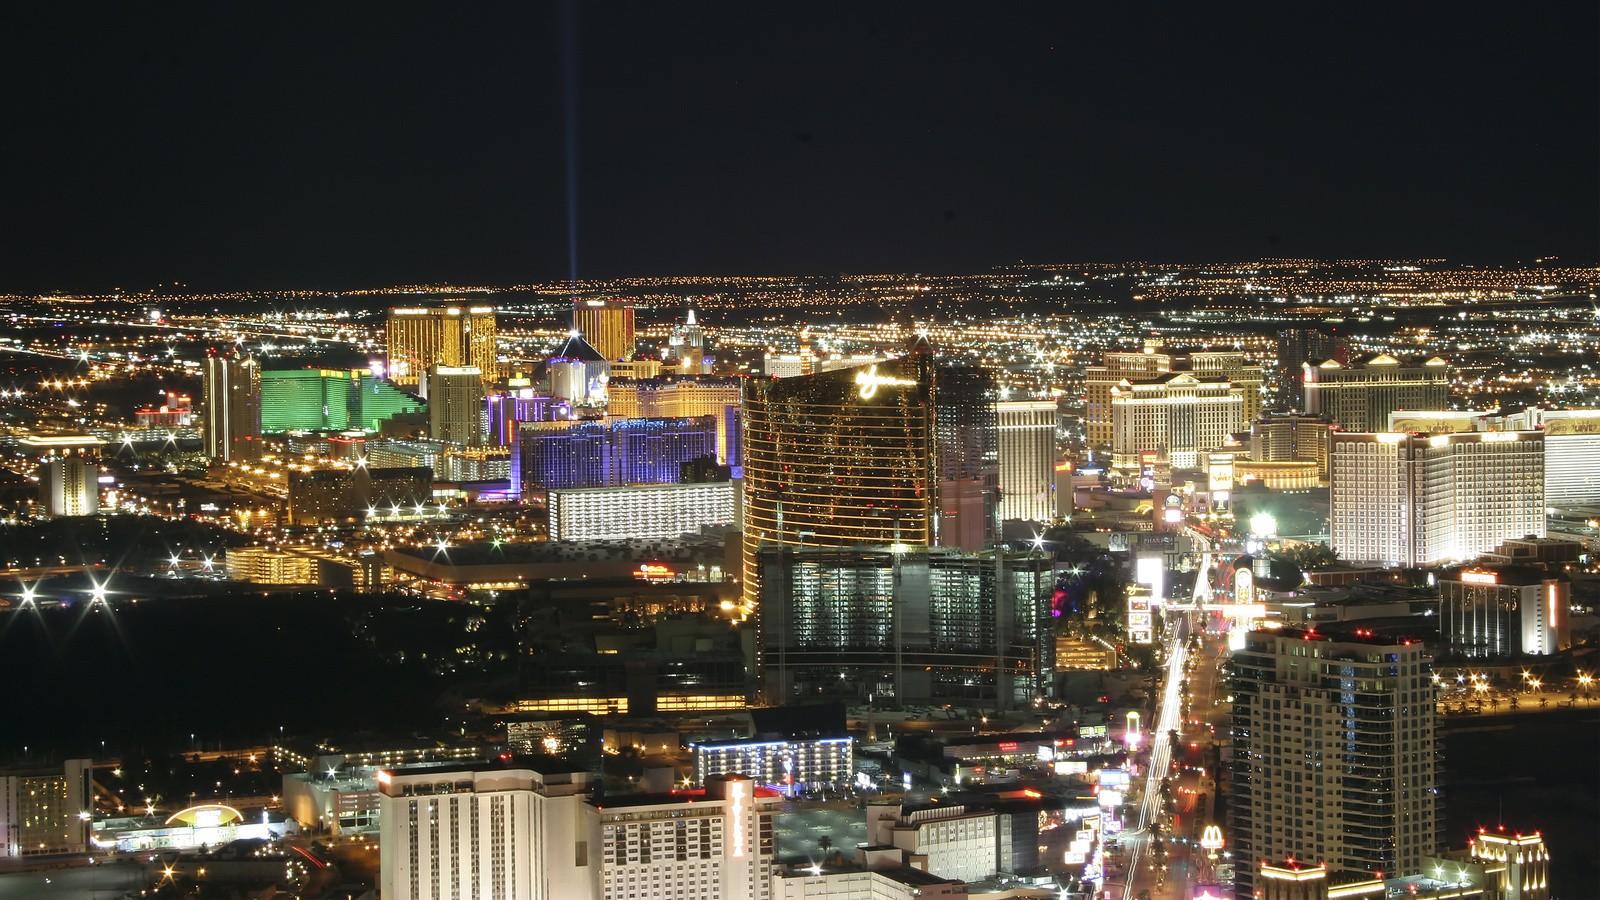 CES 2017: Diese smarten Lösungen zeigt Bosch in Las Vegas - Bosch ...